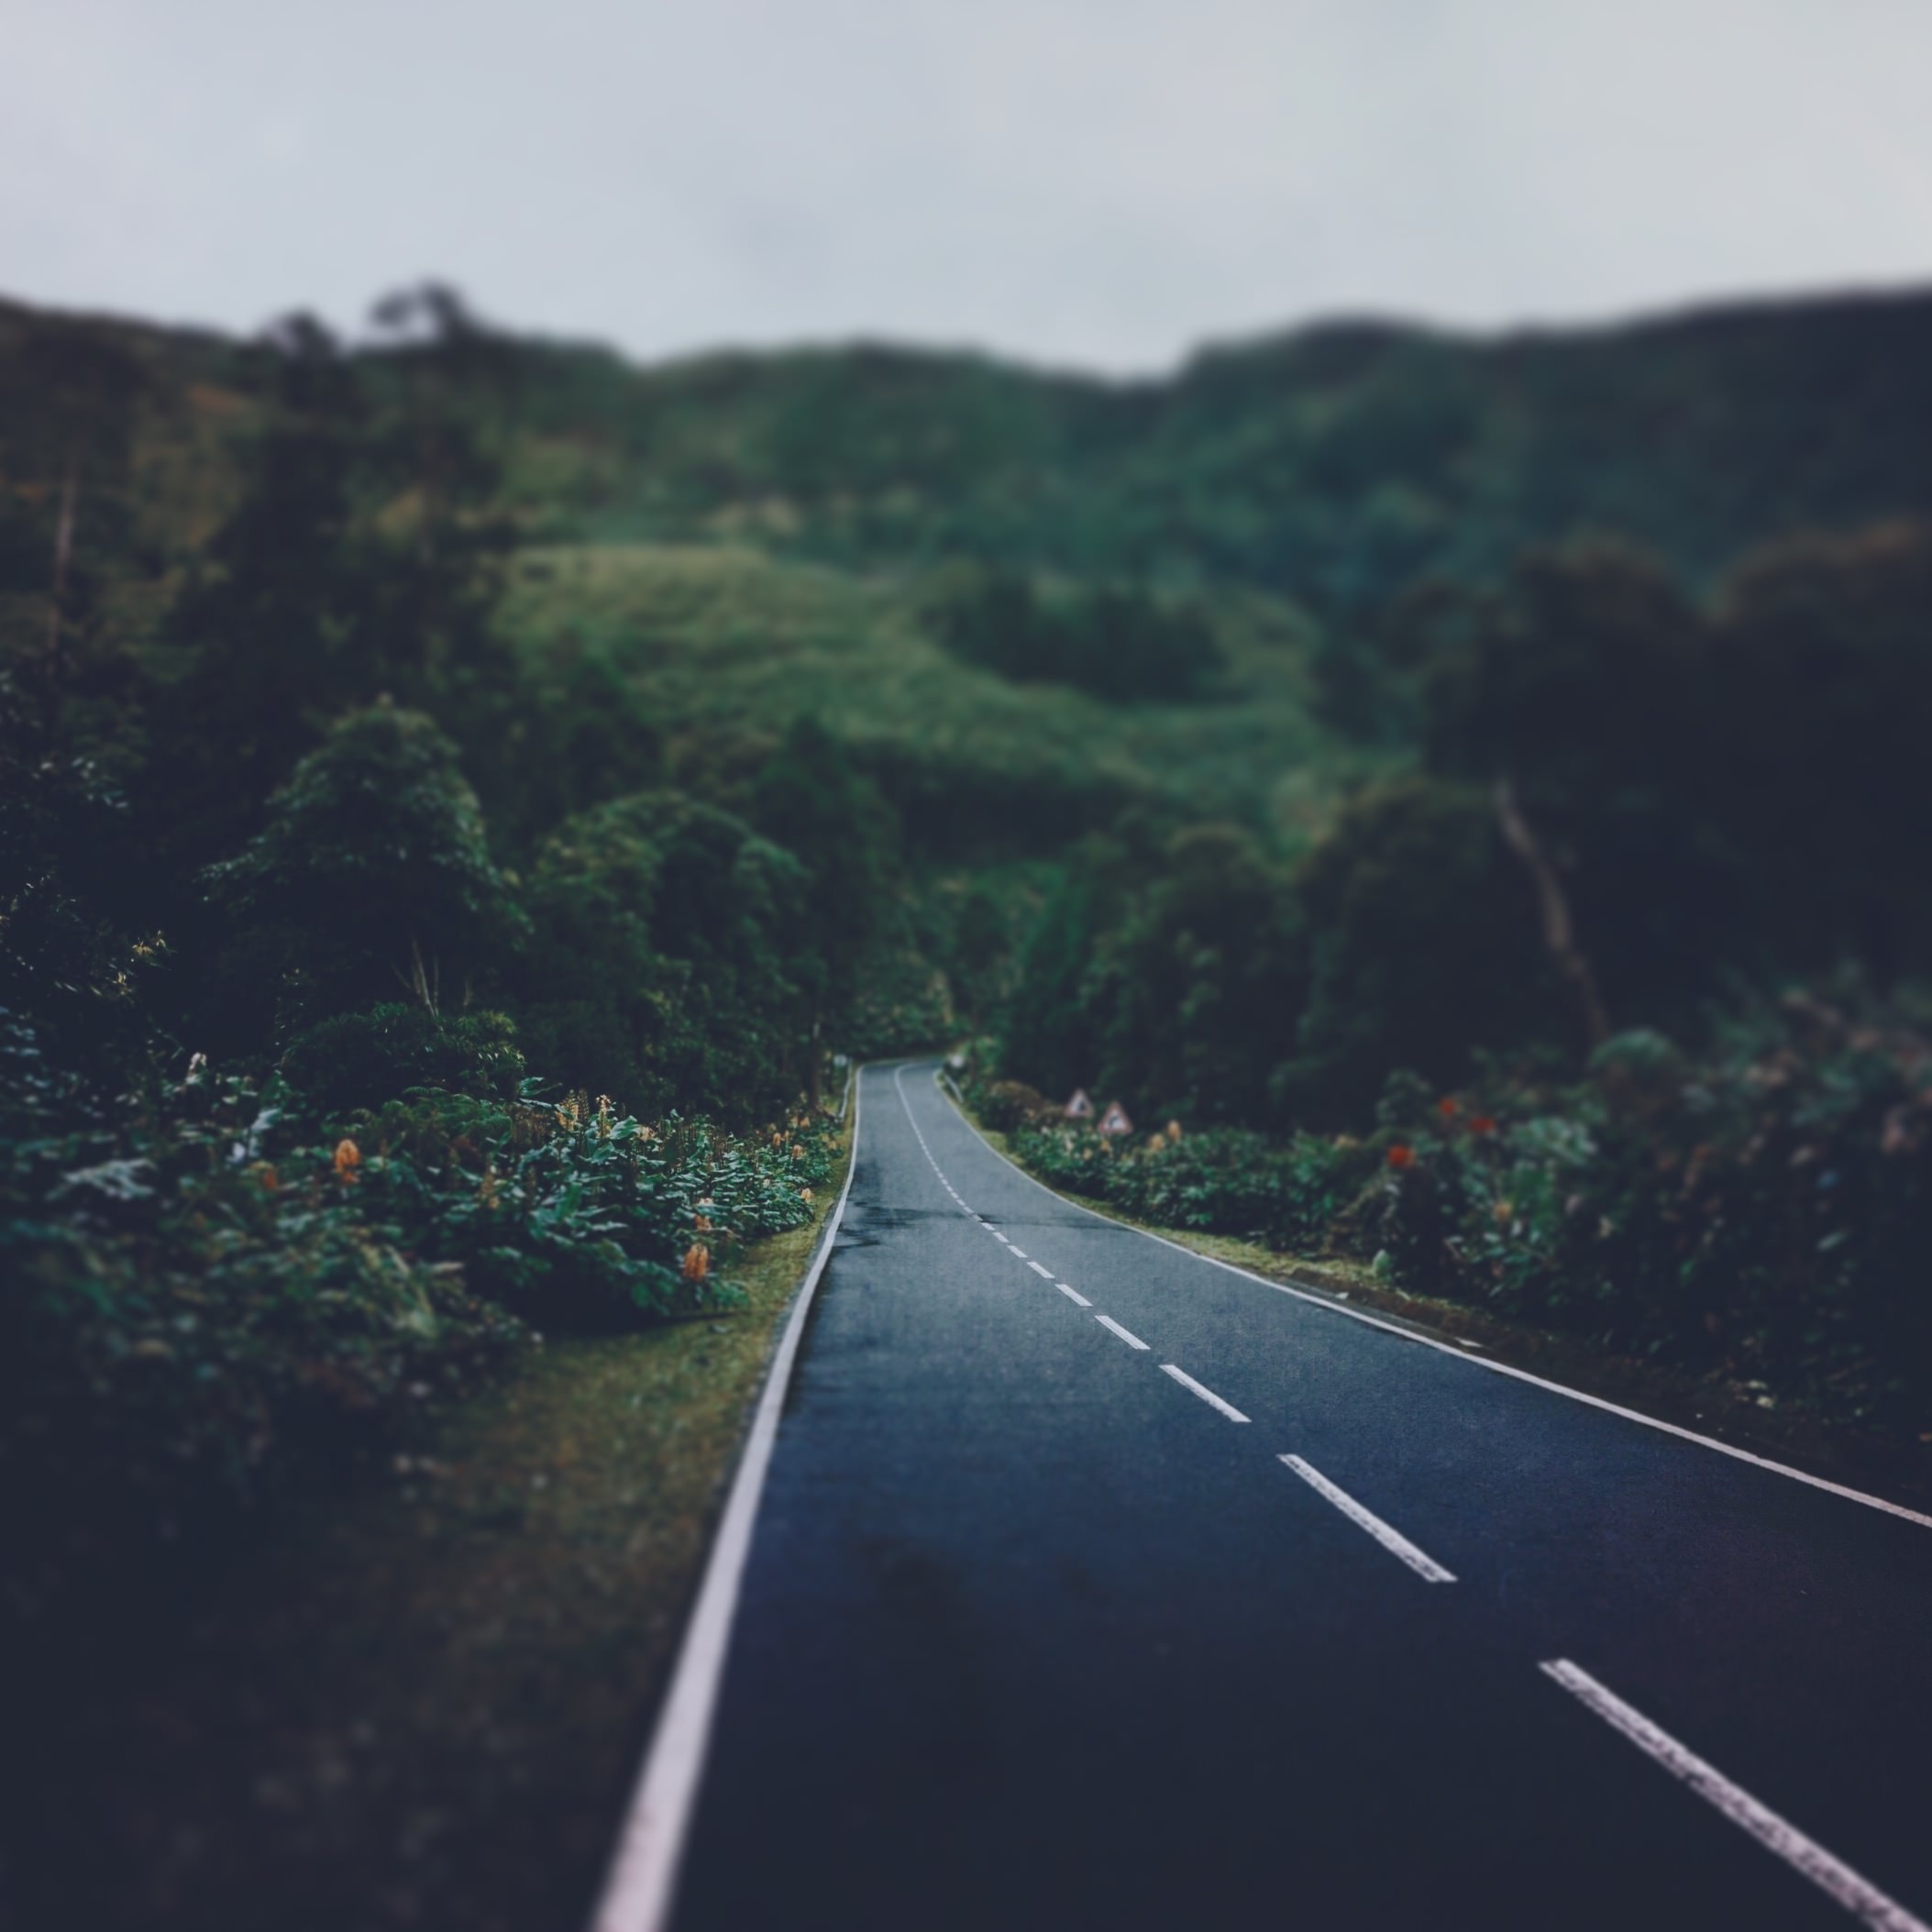 landscape-IMG_7838.JPG